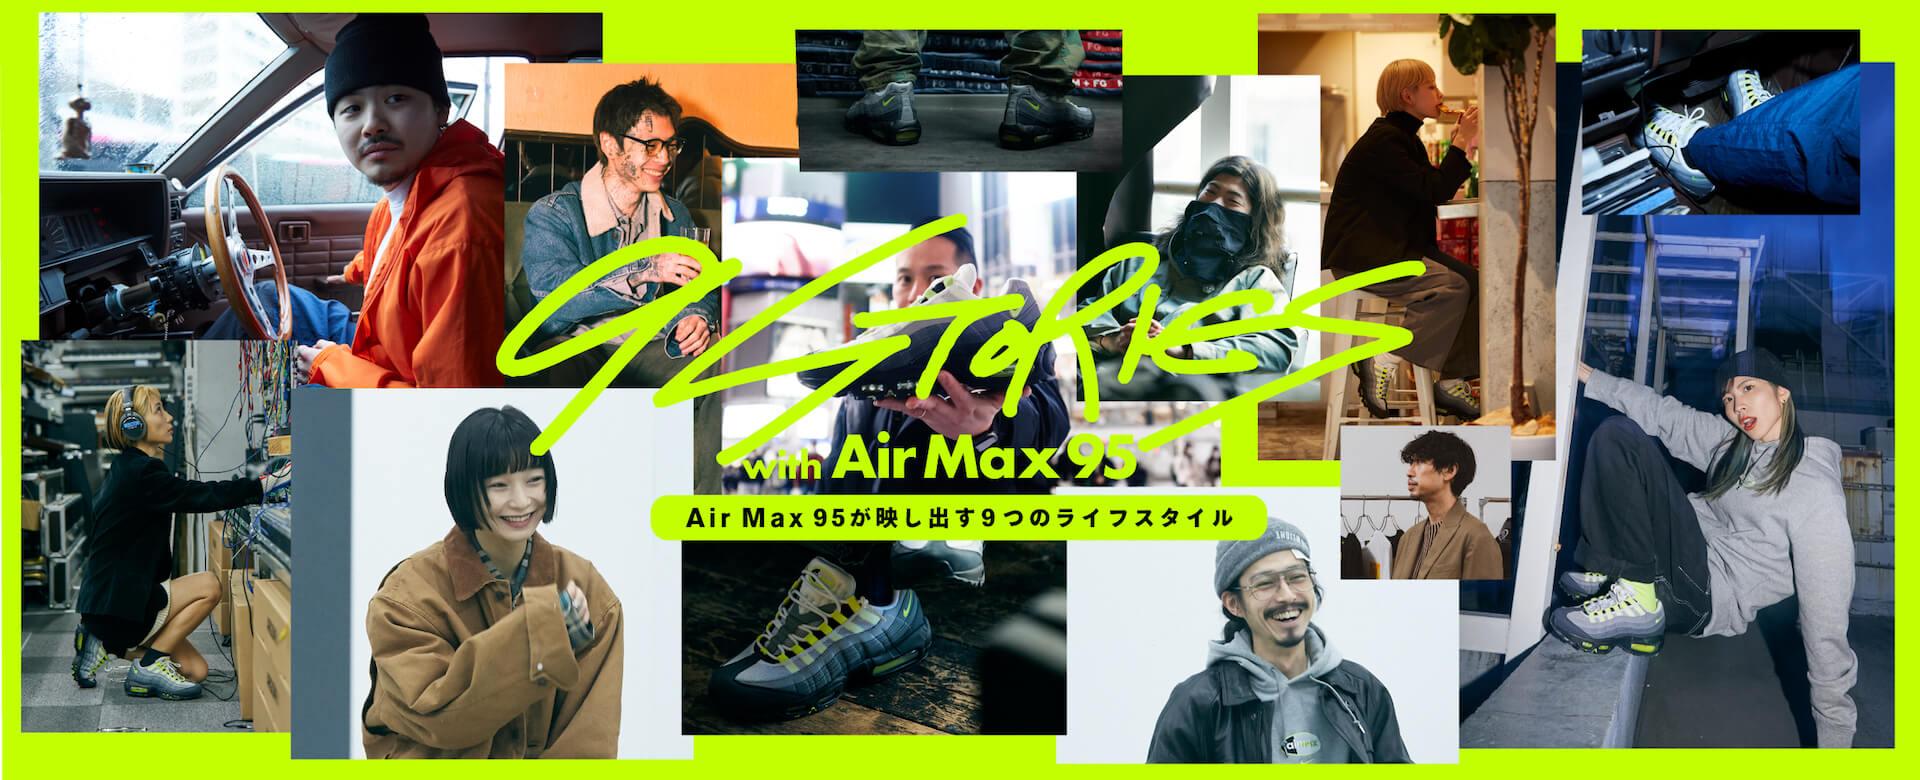 ナイキの定番モデル「AIR MAX 95」がビンテージカラーのブラック&ネオンイエローで復活!パーカーやTシャツなどアパレルラインも life201209_airmax95_2